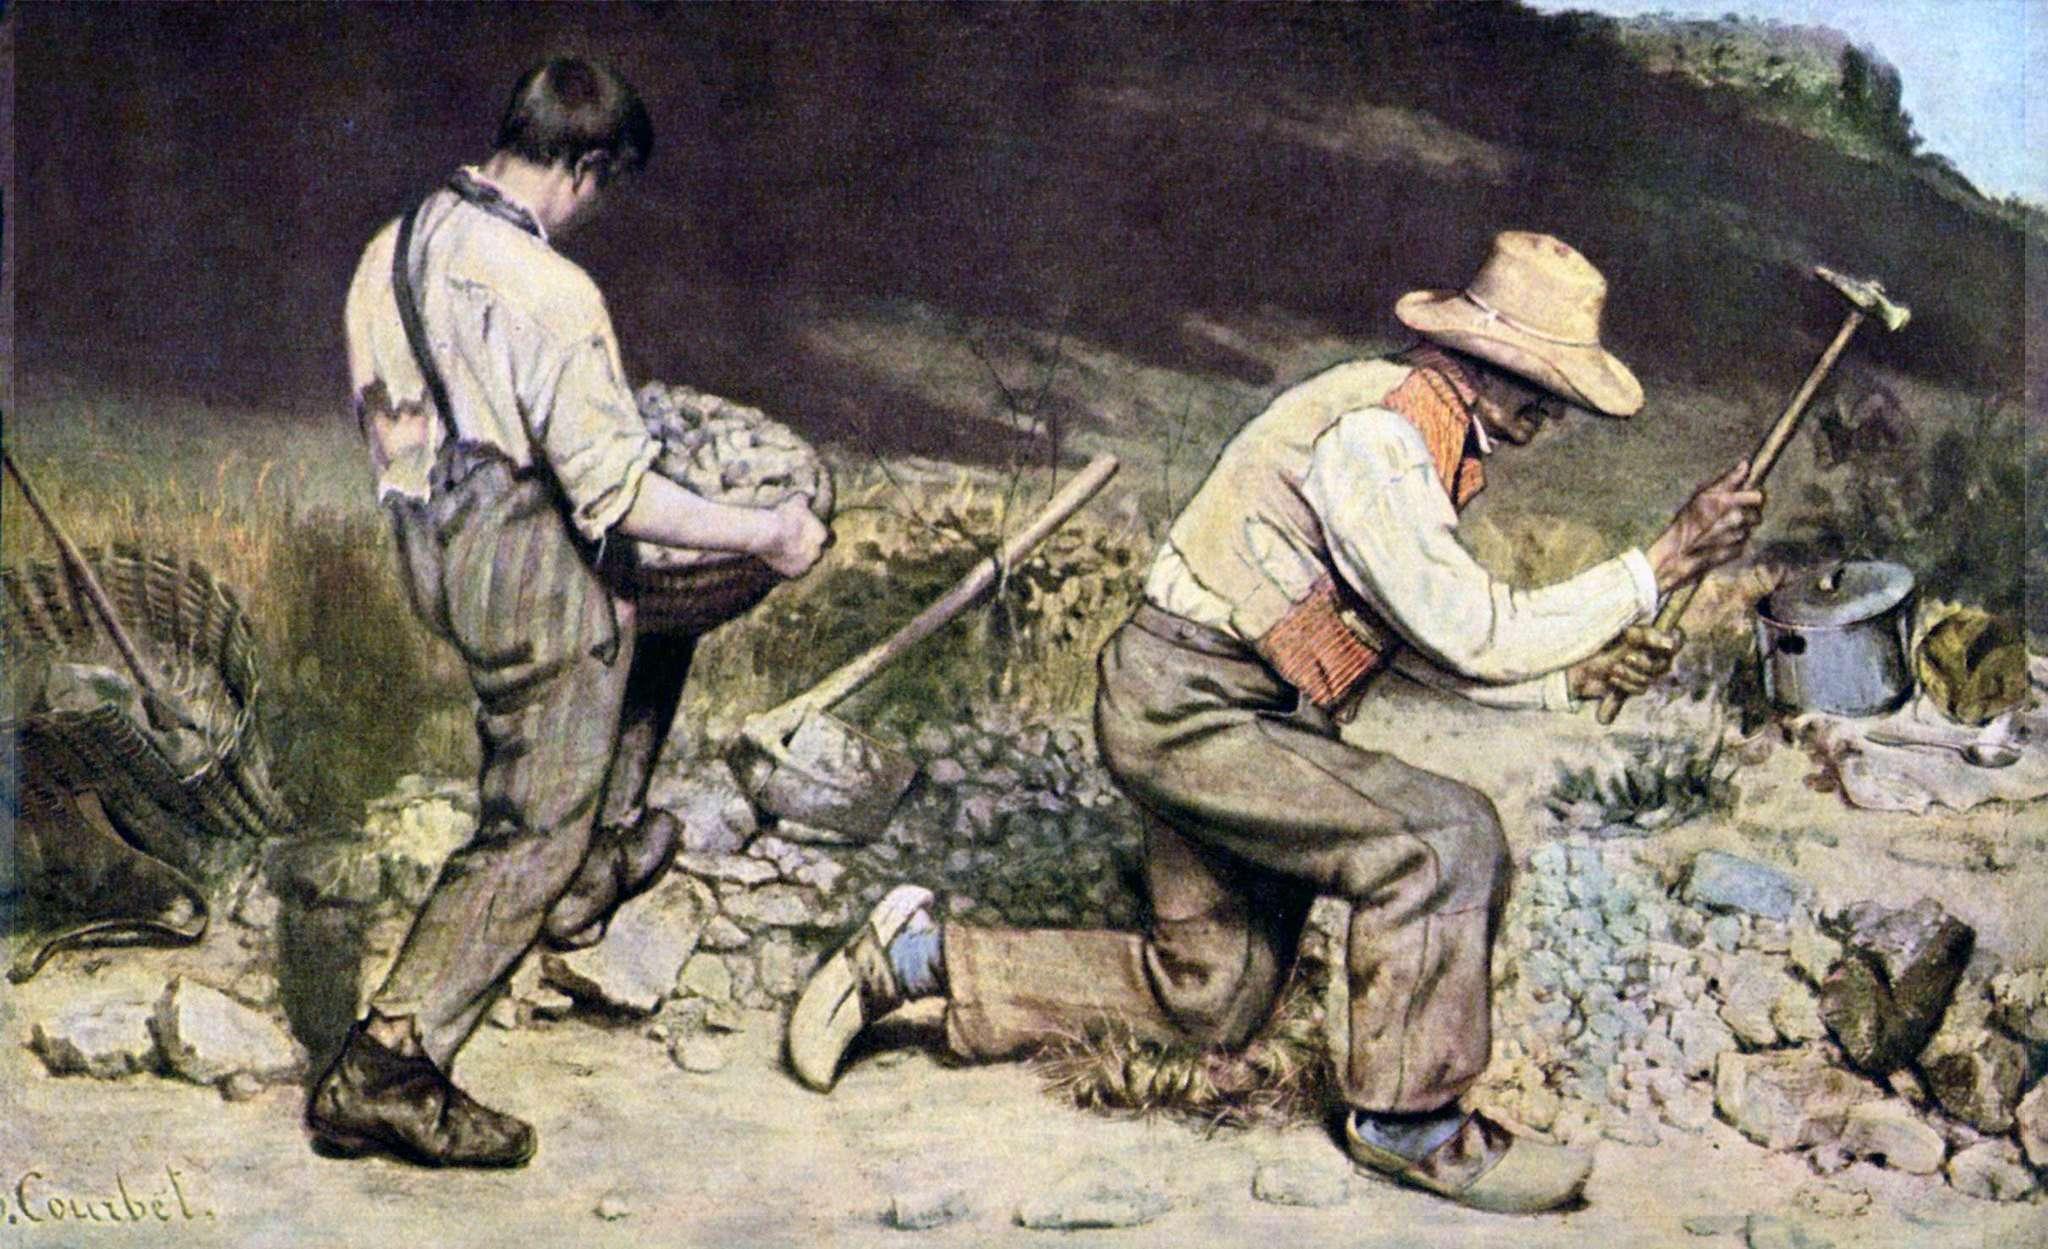 Εργάτες που σπάζουν πέτρες, 1849. Γκυστάβ Κουρμπέ (γαλ. Jean Désiré Gustave Courbet, 10 Ιουνίου 1819 - 31 Δεκεμβρίου 1877).